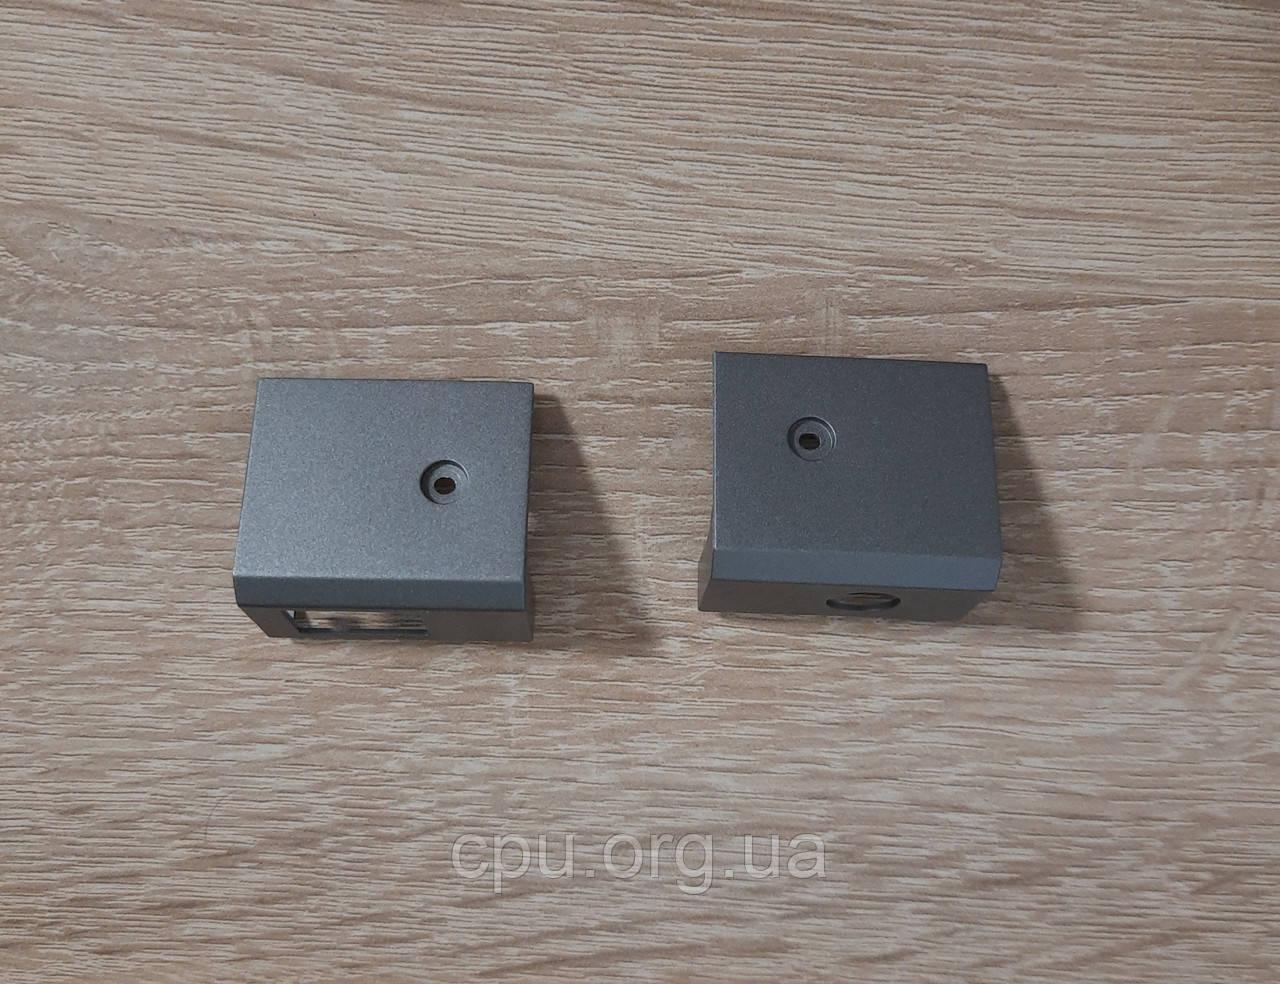 Dell Latitude E4310 накладки на петли hinge cover